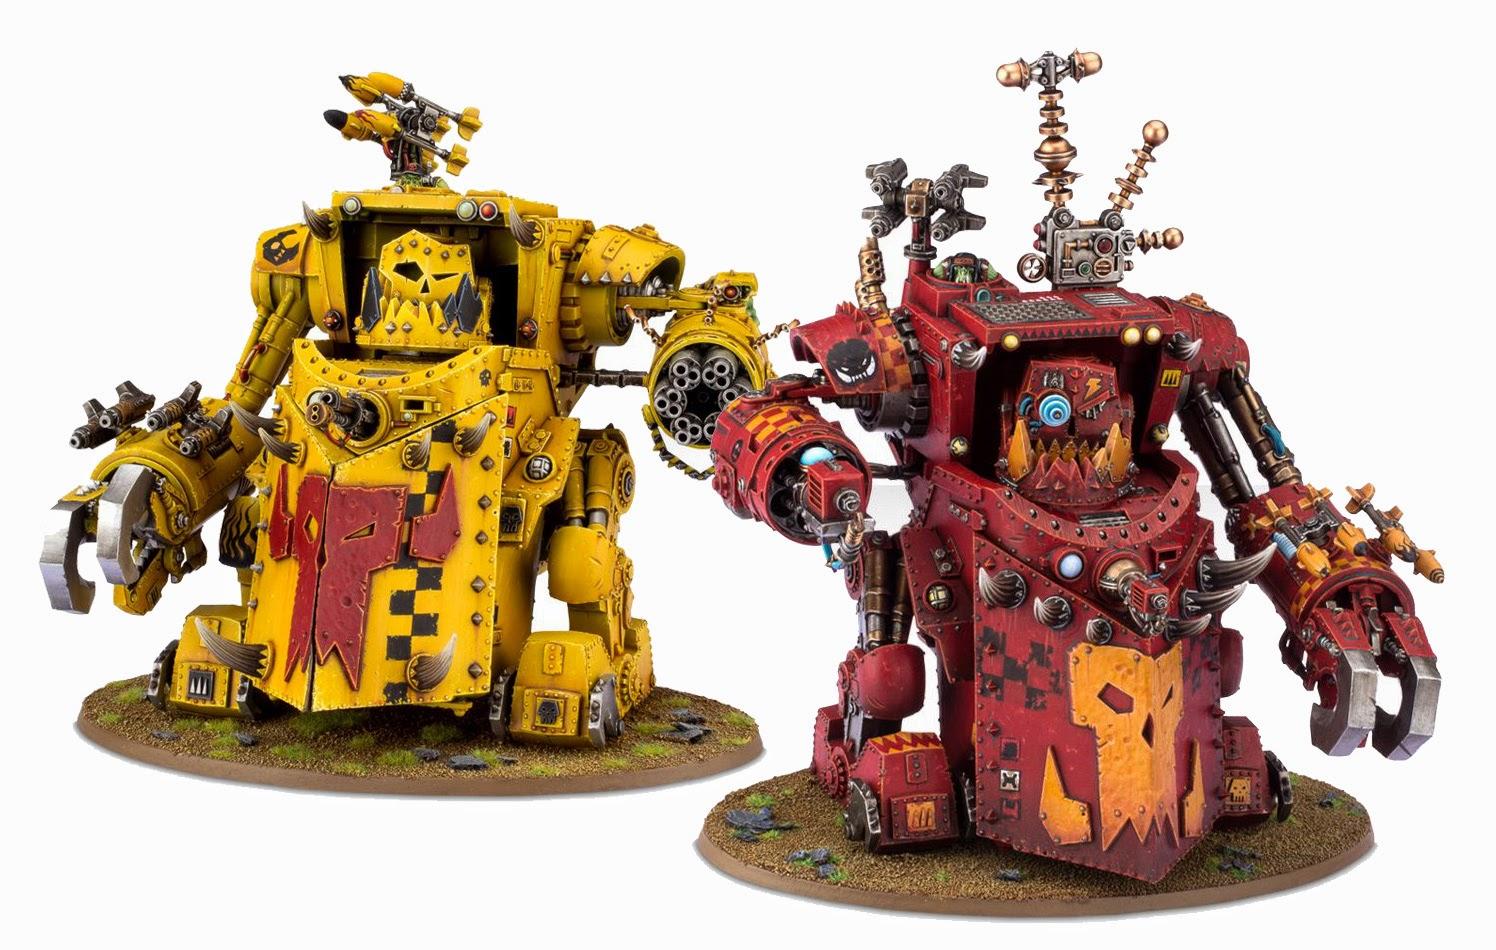 Warhammer 40K Morkanaut and Gorkanaut